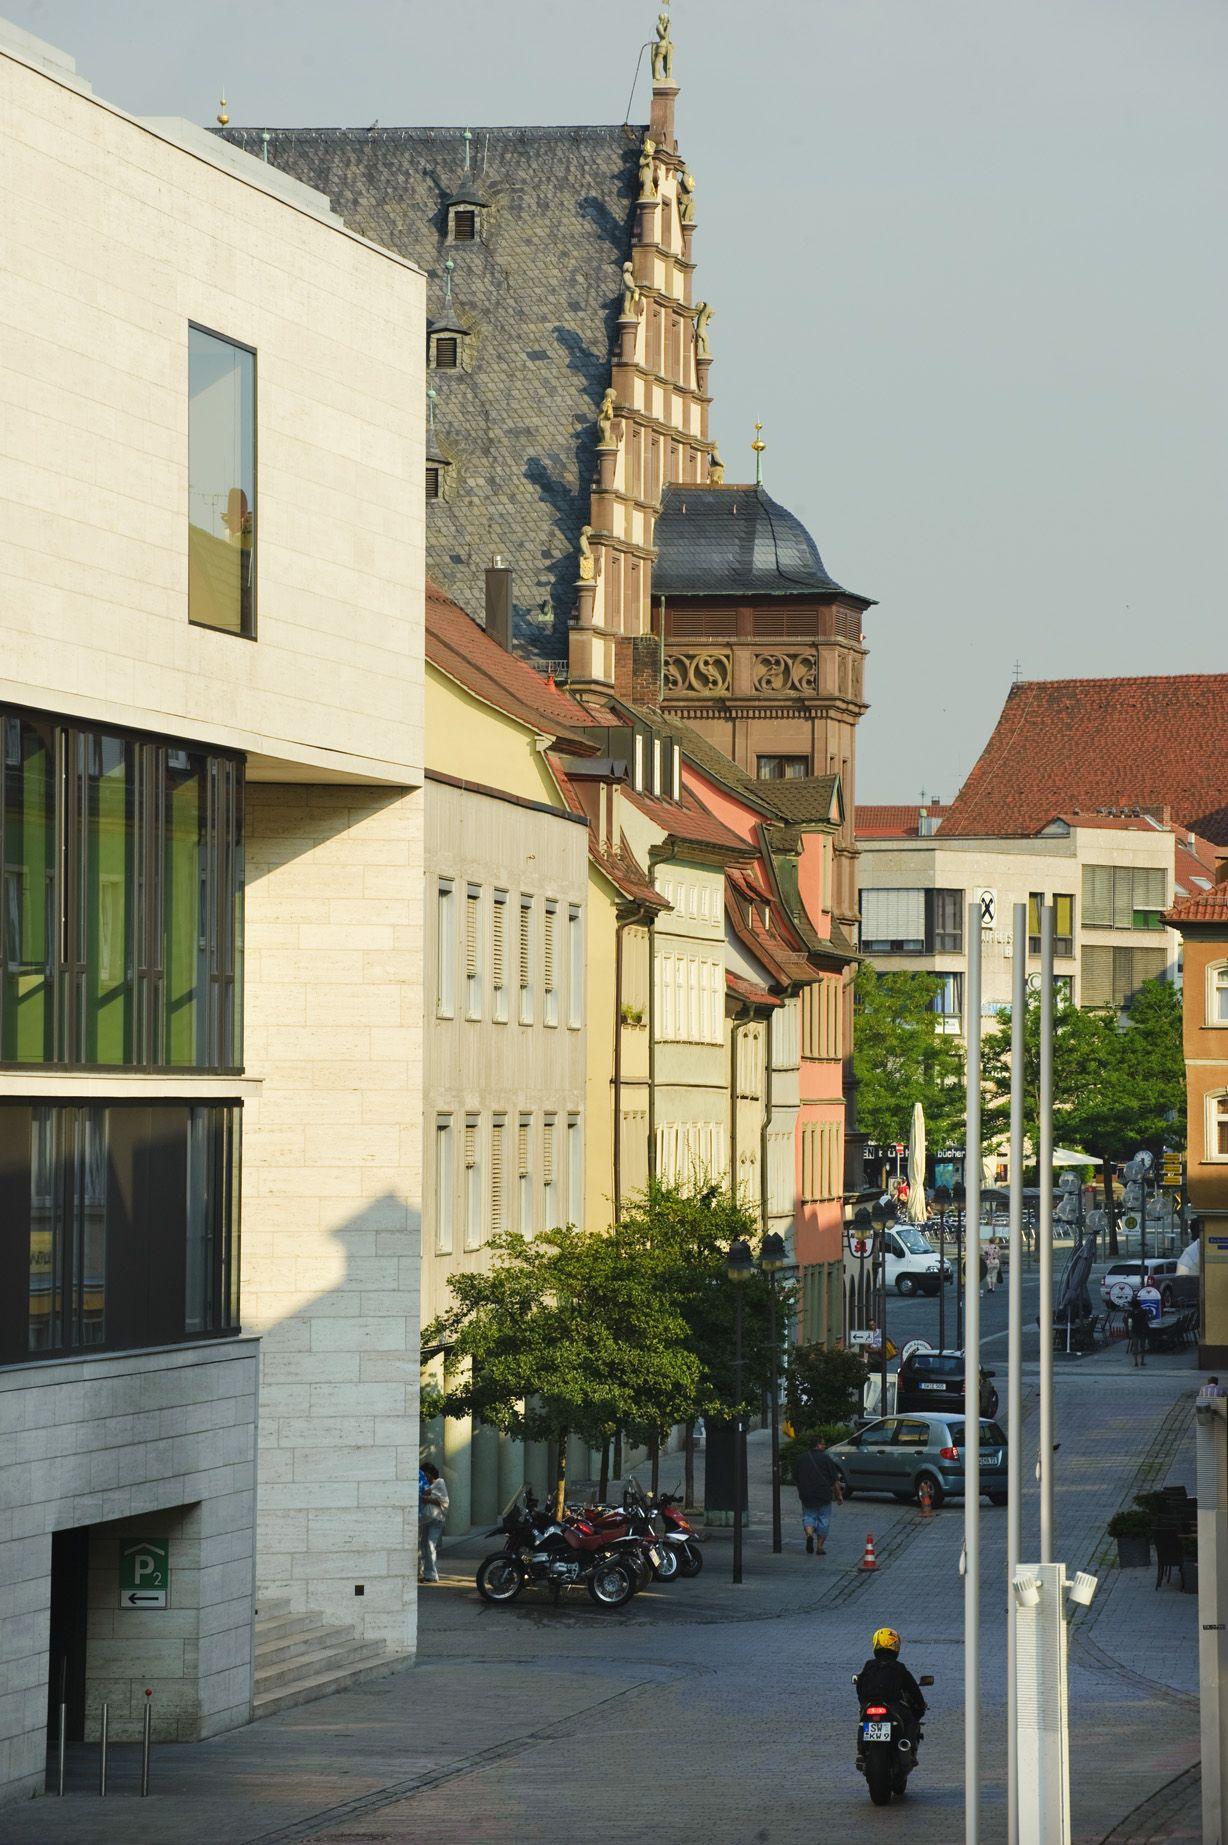 Abendstimmung in Schweinfurt. Blick auf das Rathaus. http://www.schweinfurt360.de/ #Abend #Rathaus #Blick